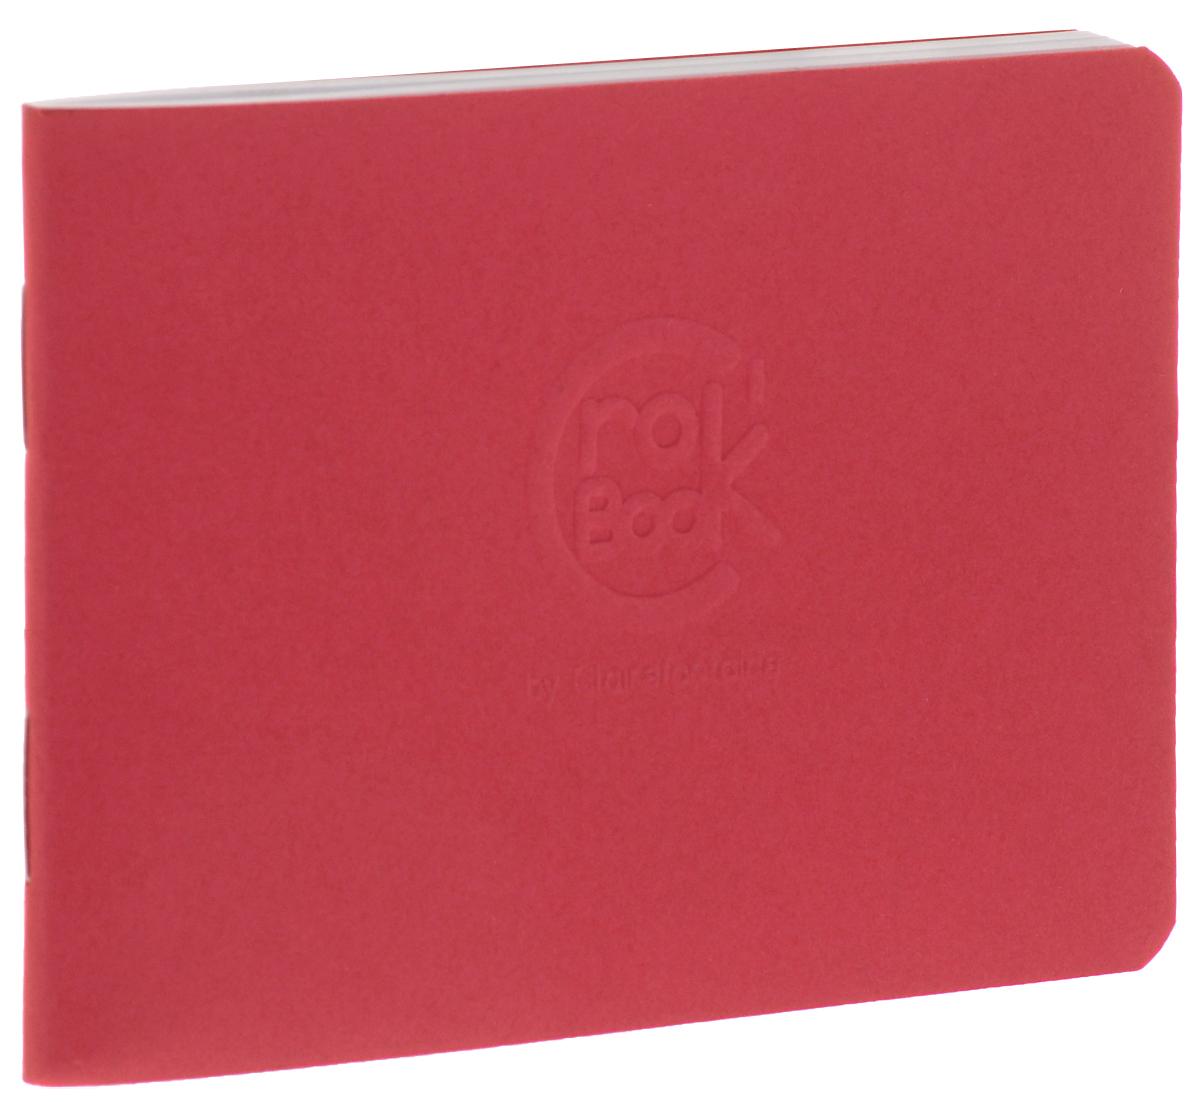 Блокнот Clairefontaine Crok Book, цвет: красный, формат A7, 24 листа6035С_красныйОригинальный блокнот Clairefontaine Crok Book идеально подойдет для памятных записей, любимых стихов, рисунков и многого другого. Плотная обложка предохраняет листы от порчи и замятия. Блокнот формата А7 содержит 24 листа.Такой блокнот станет забавным и практичным подарком - он не затеряется среди бумаг, и долгое время будет вызывать улыбку окружающих.